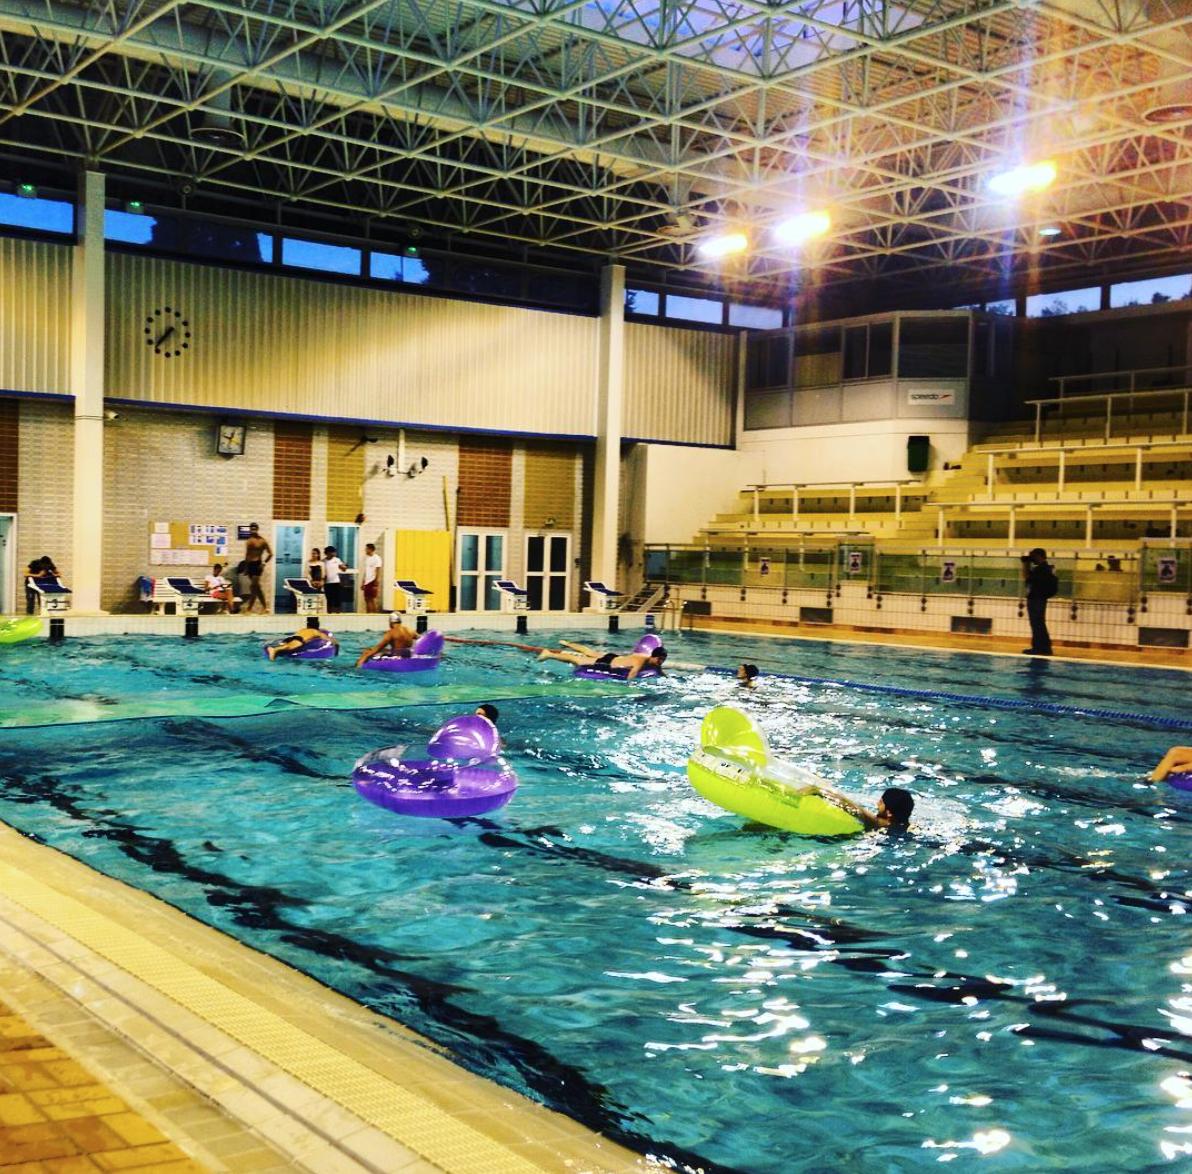 piscine centre nautique yves nyare saint-etienne